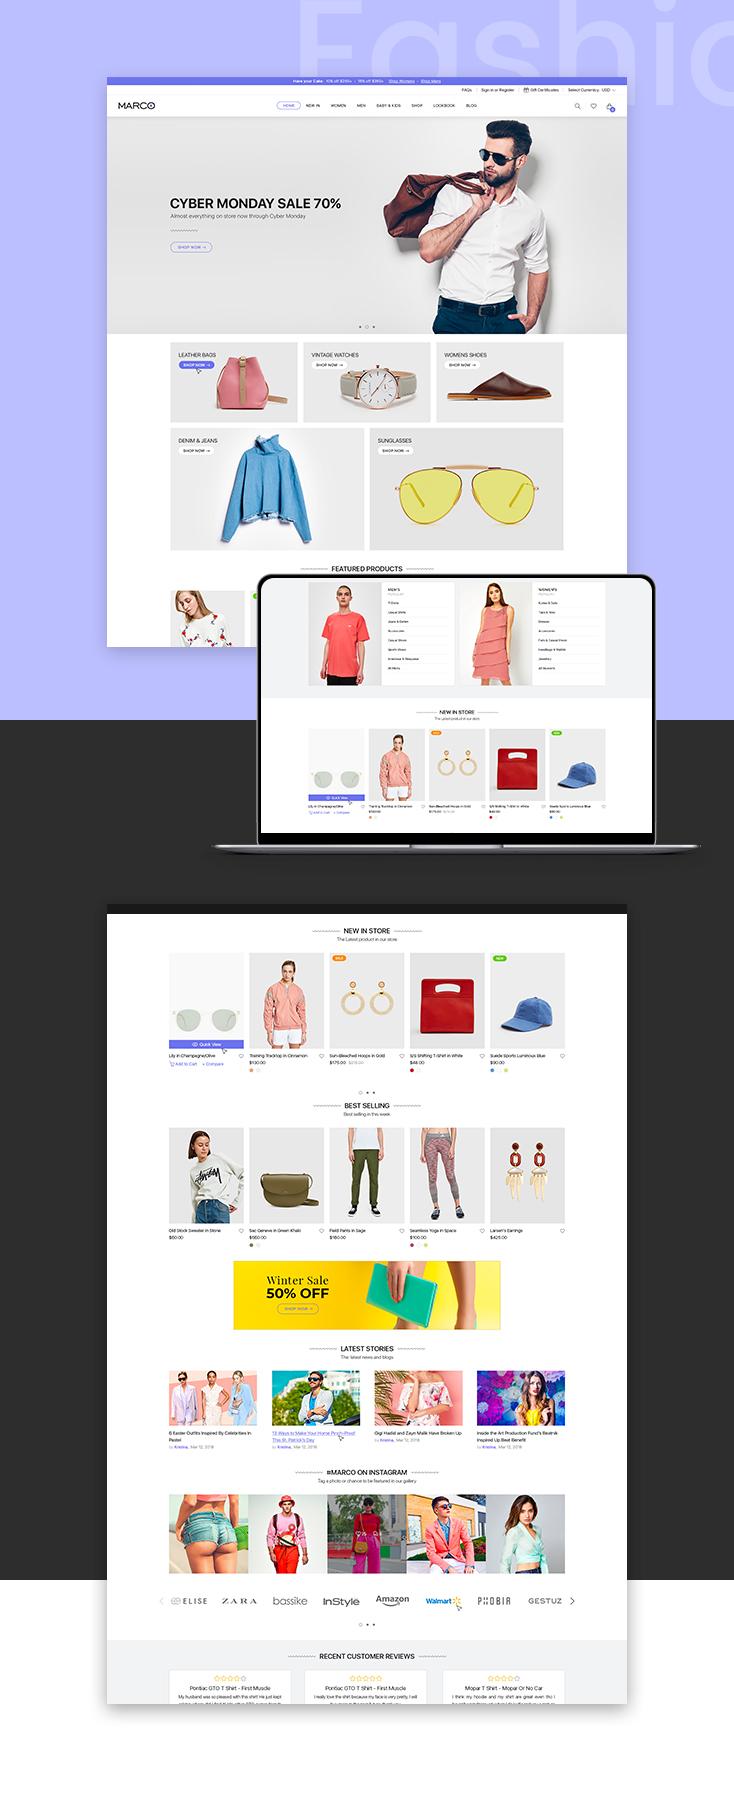 Marco Fashion shopify theme design